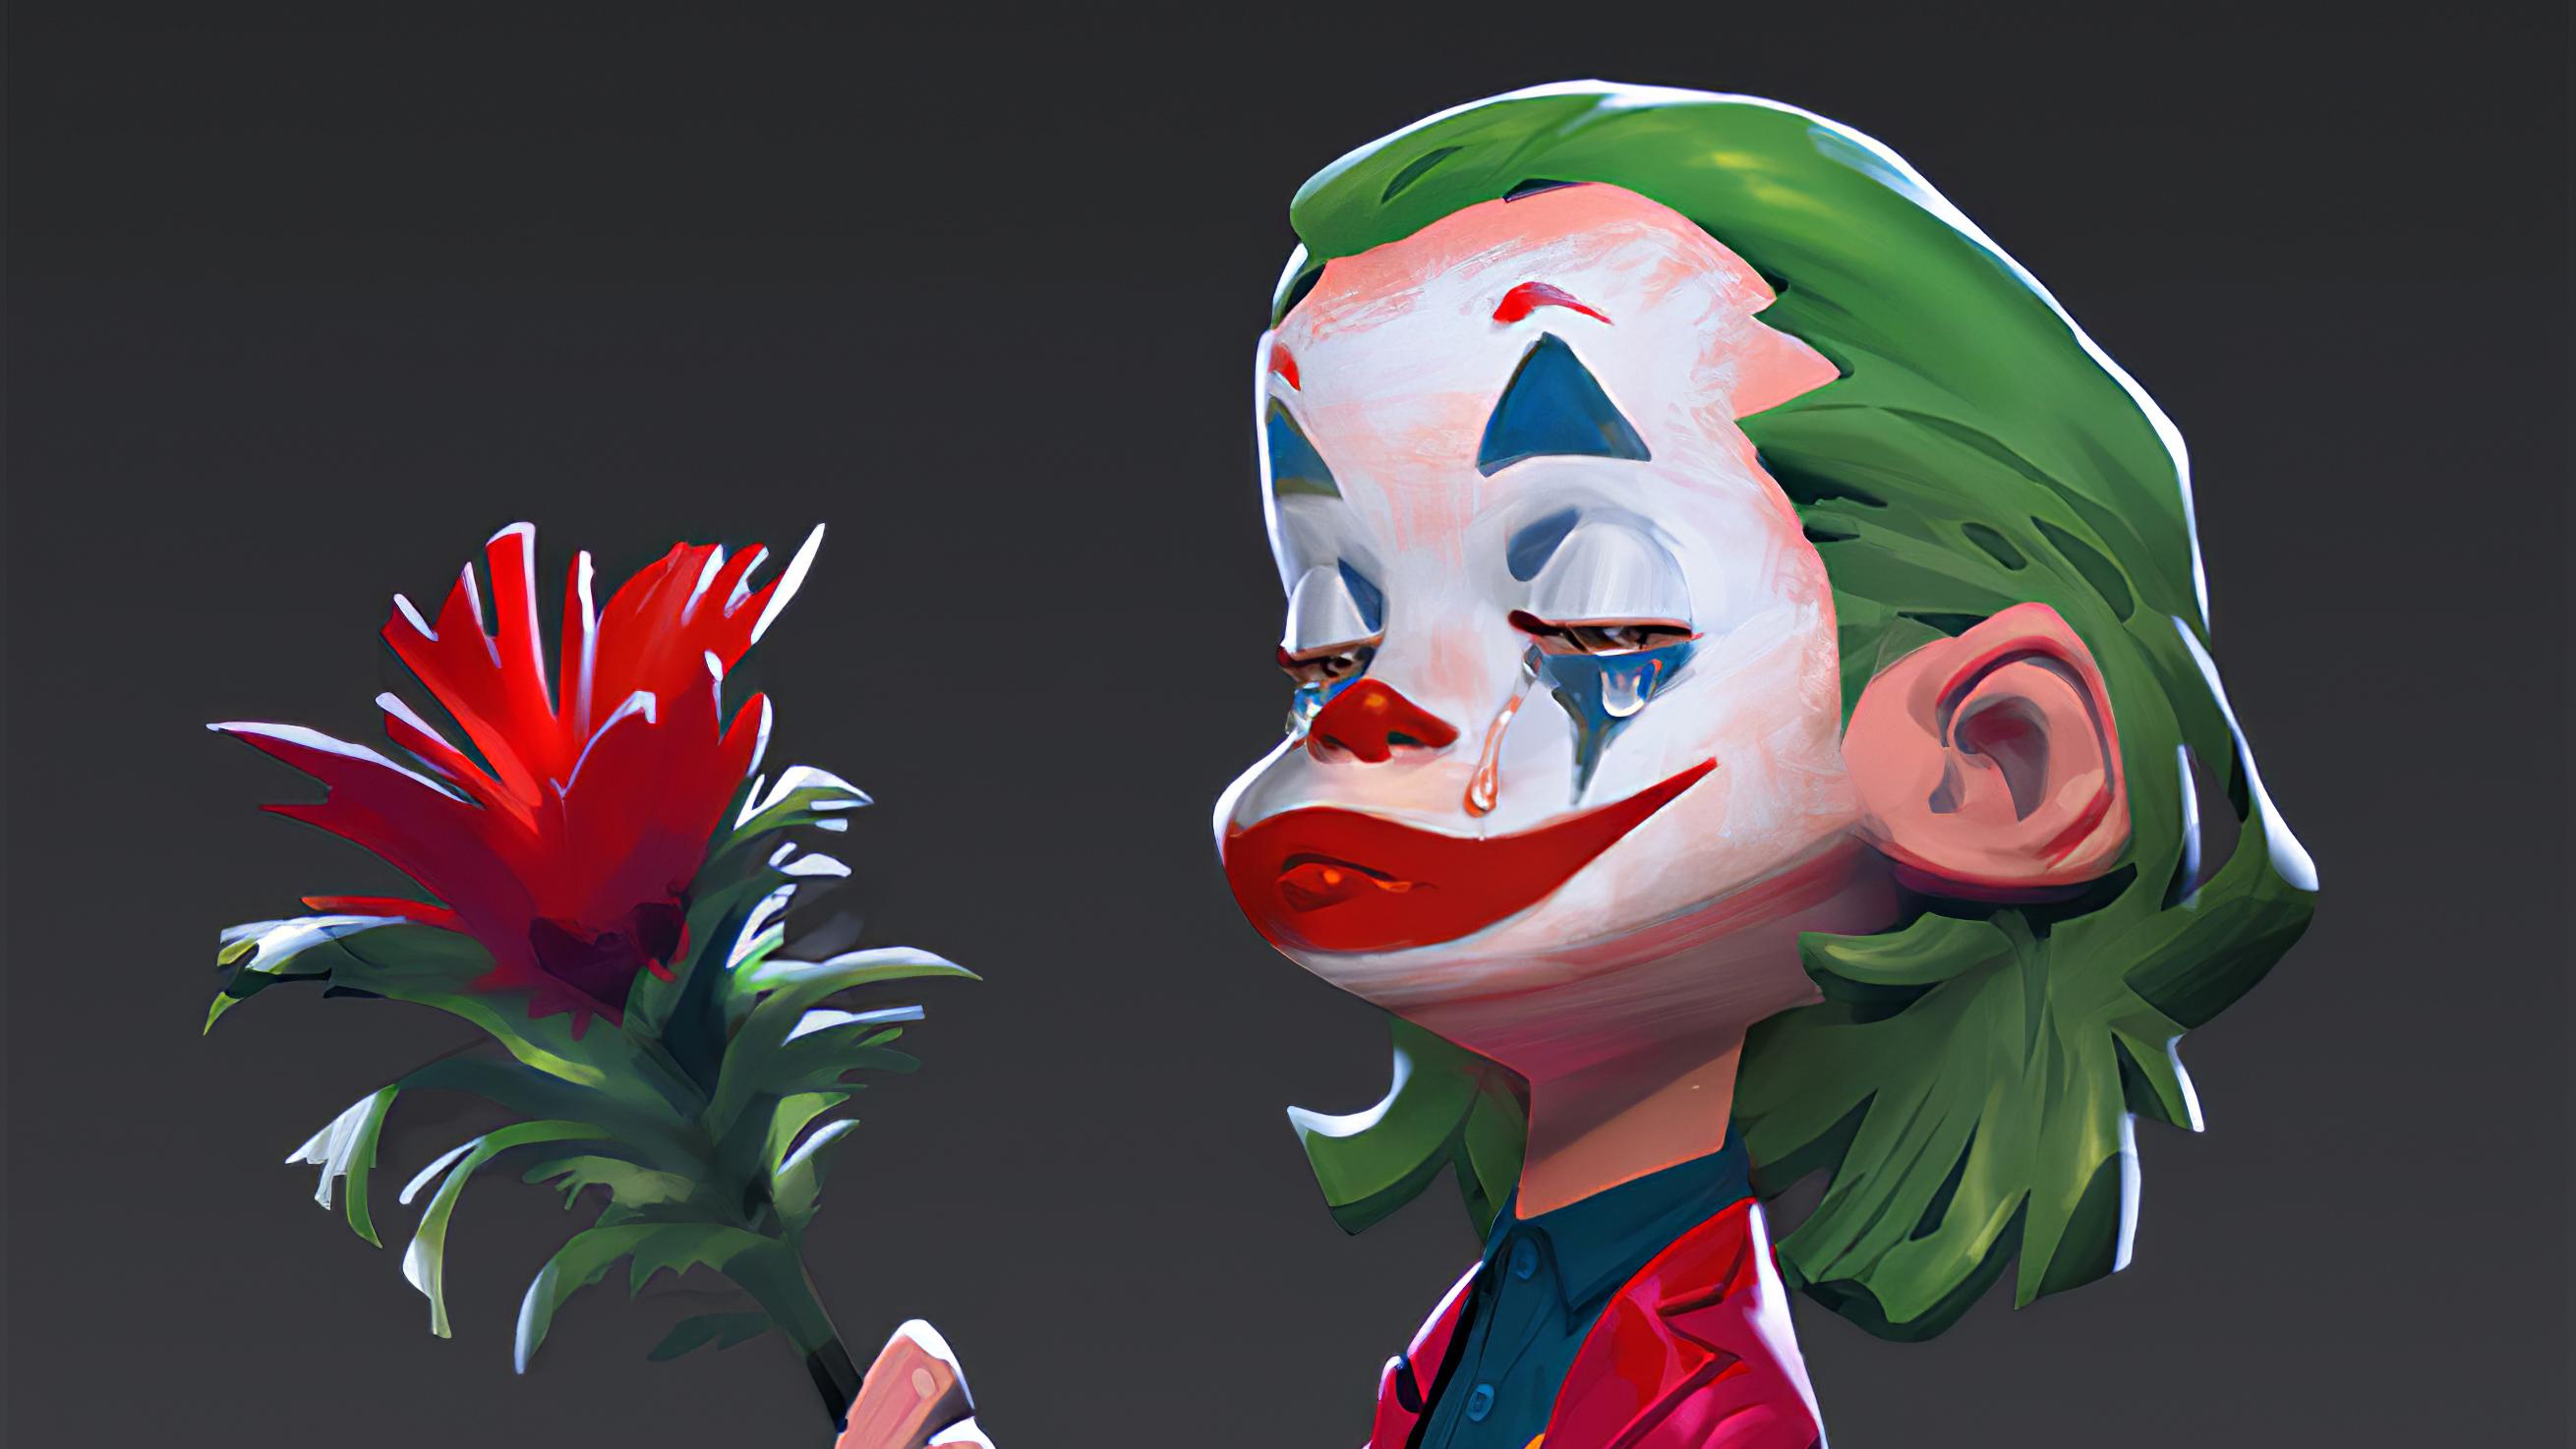 Wallpaper Joker with a rose